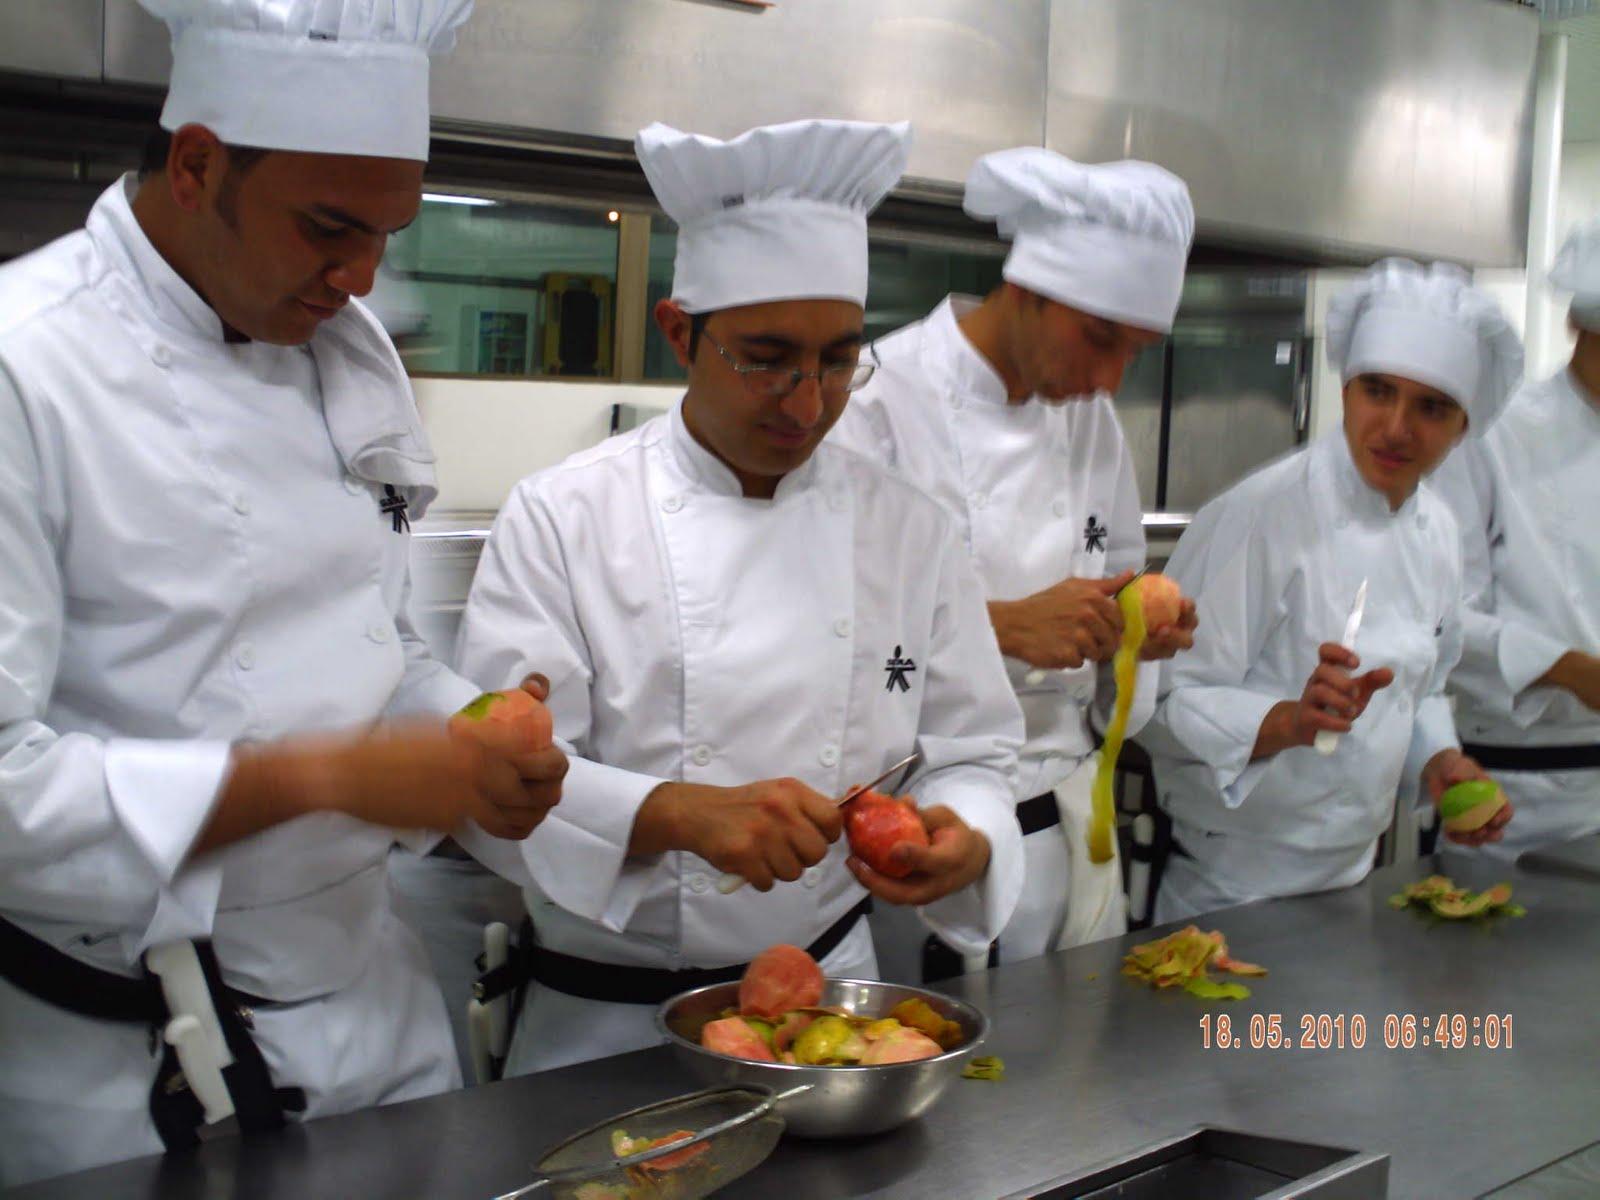 Tecnicos en cocina reposteria jaleas - Tecnico en cocina y gastronomia ...